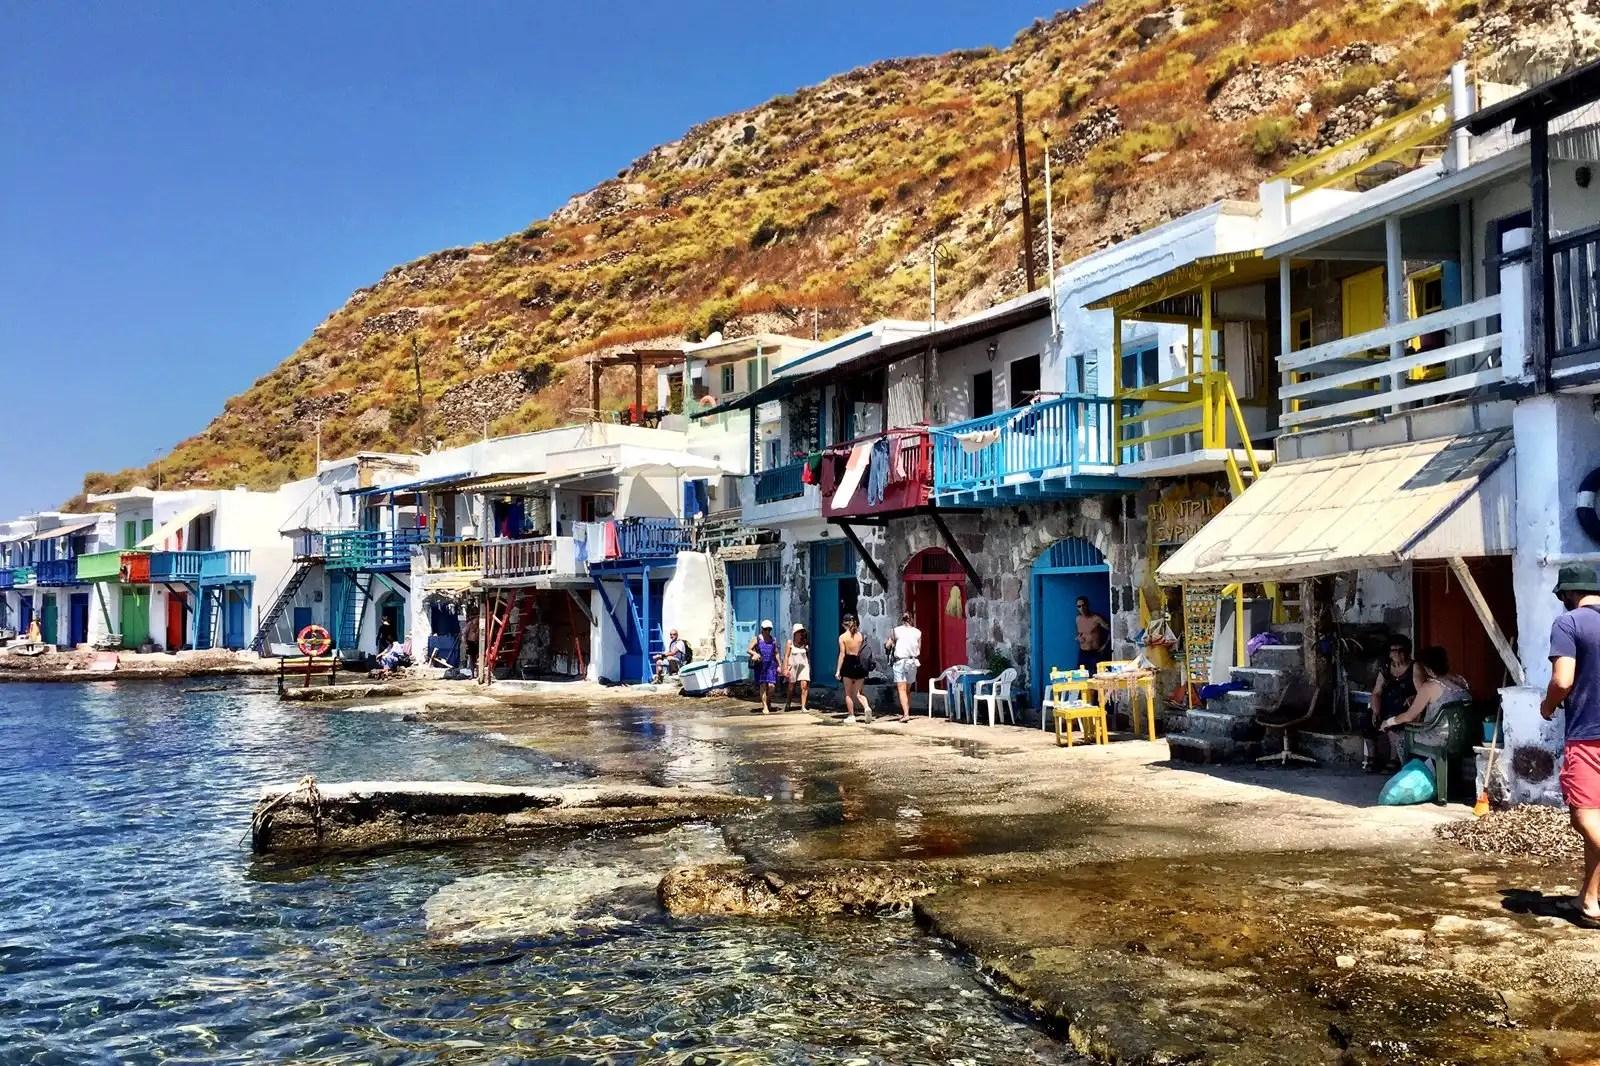 La Grecia dal mare. Il coraggio di cambiare rotta - Settimana 1